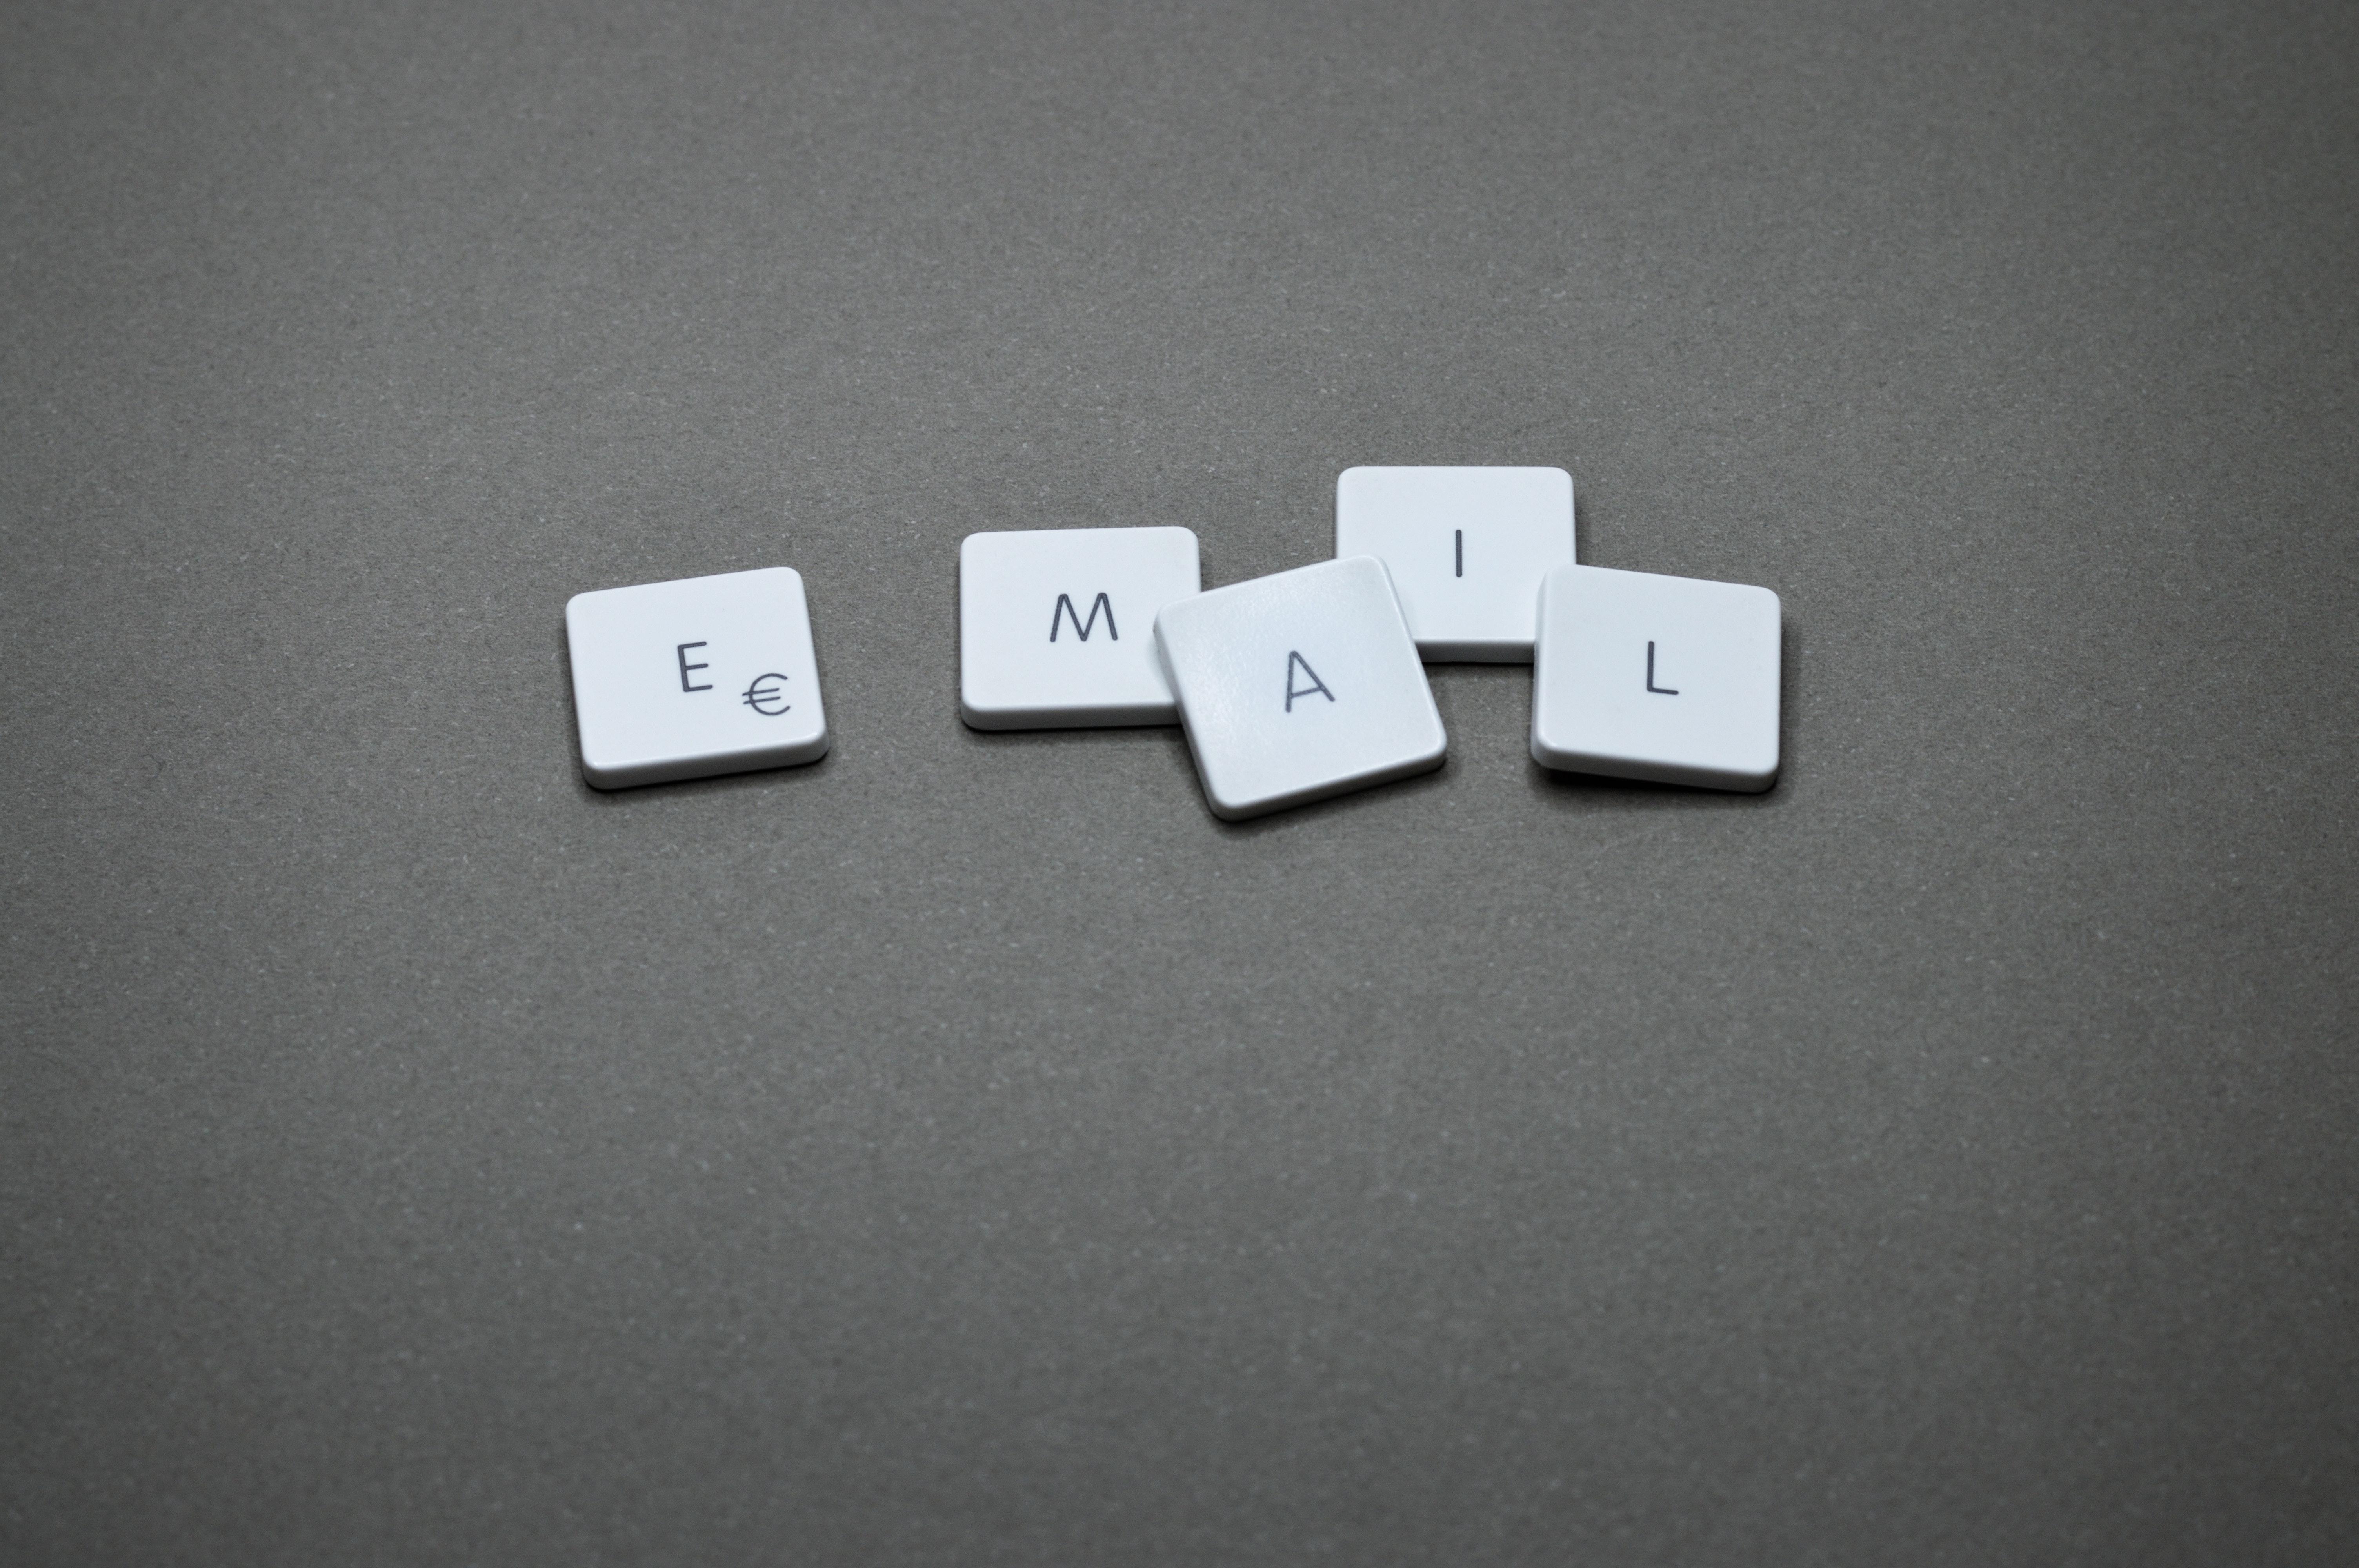 e-mail-blog-leads-infinitos-sua-marca-no-topo-marketing-digital.jpg